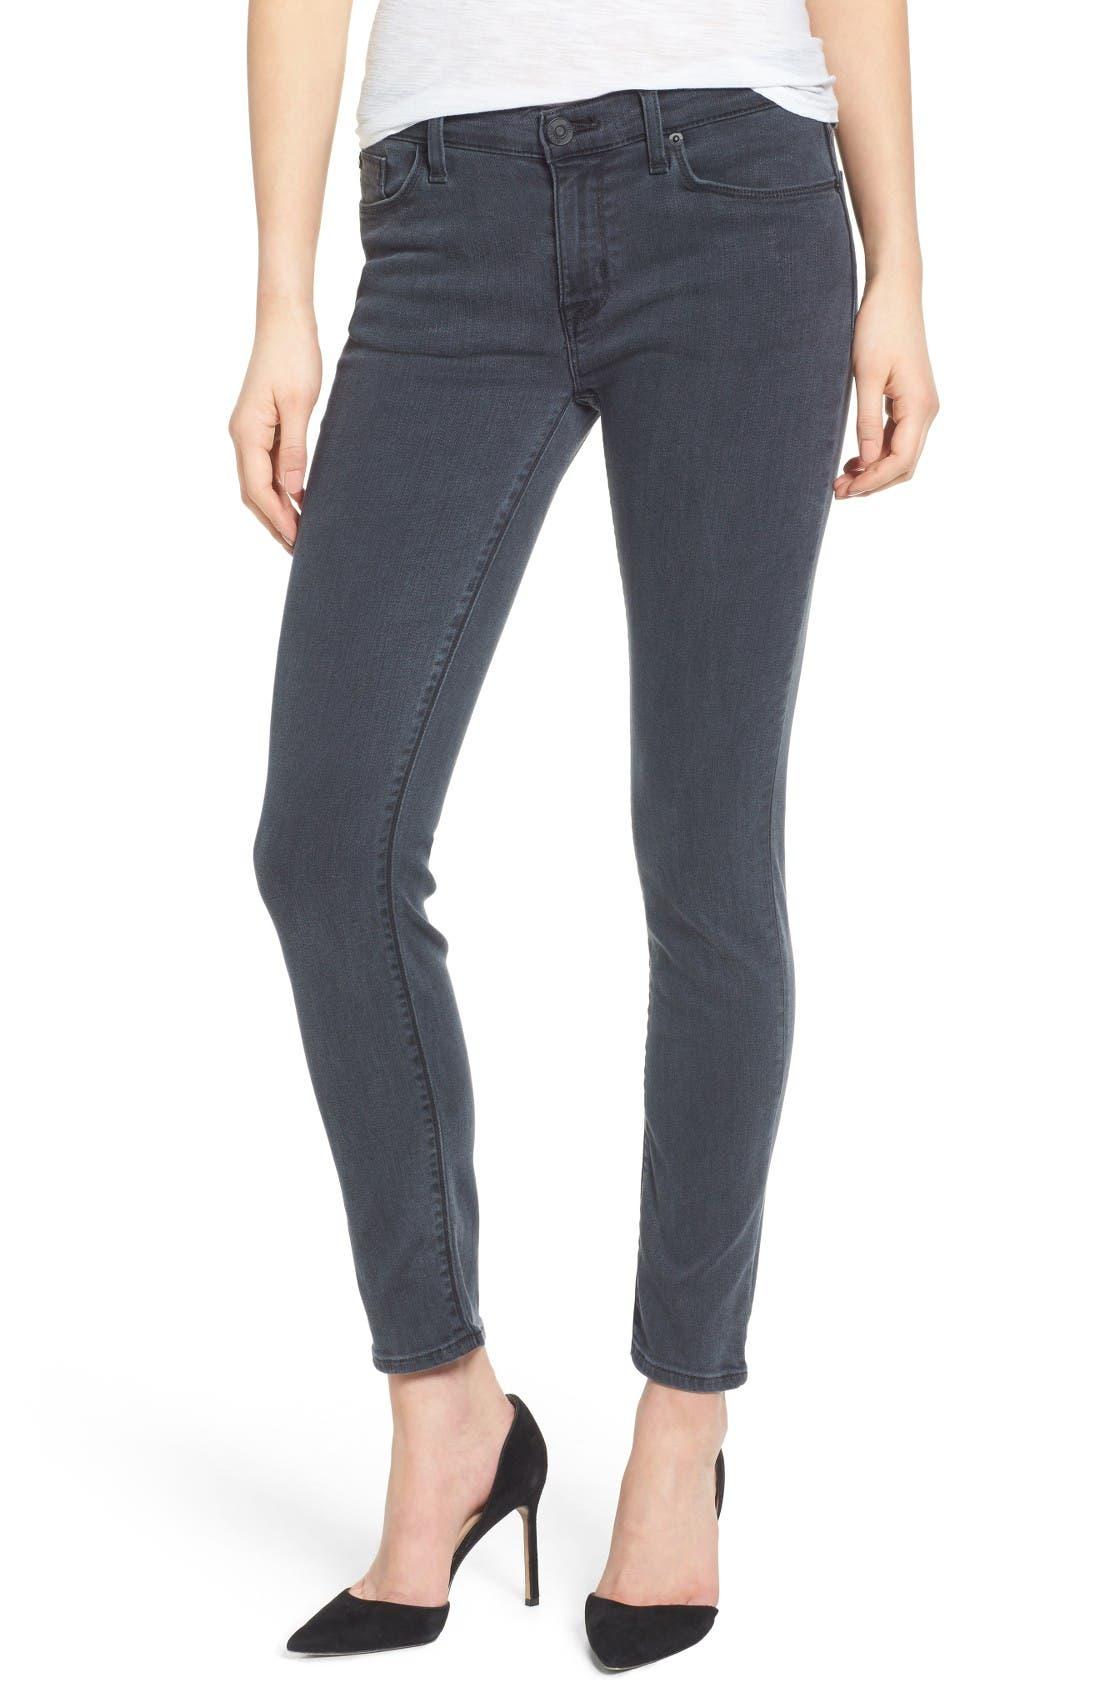 Alternate Image 1 Selected - Hudson Jeans Collette Ankle Skinny Jeans (Penumbra)